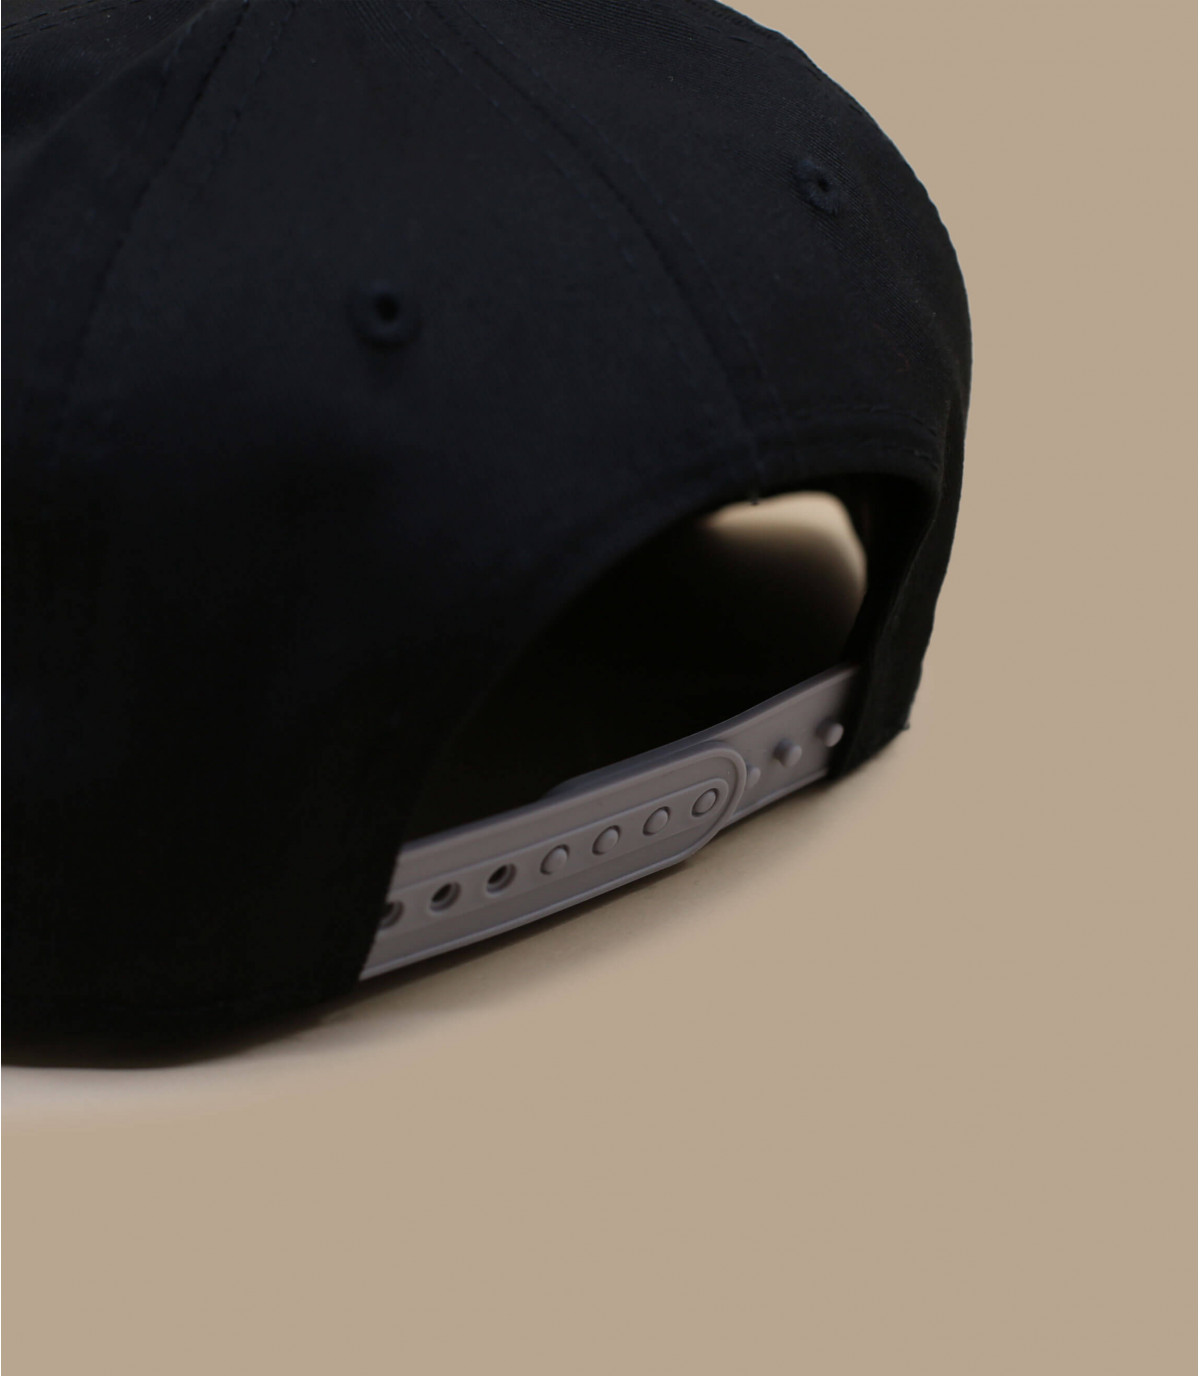 Child snapback with gray visor - Child cap ny gray black by New Era. 4f21eb6e81b